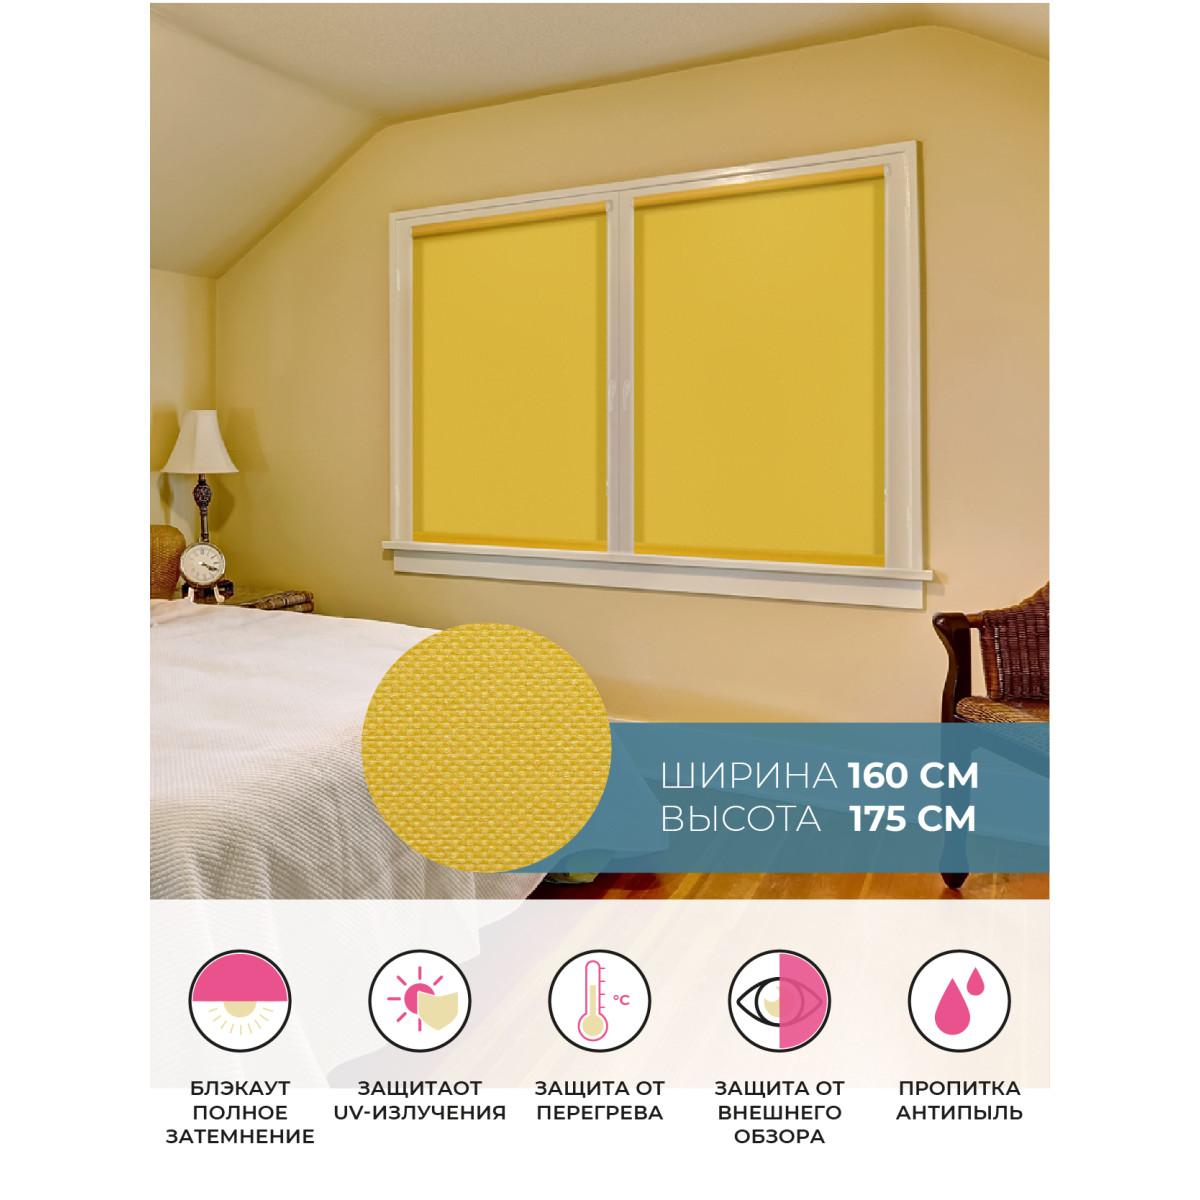 Рулонная Ора Decofest Блэкаут Плайн 160Х175 Цвет Желтый